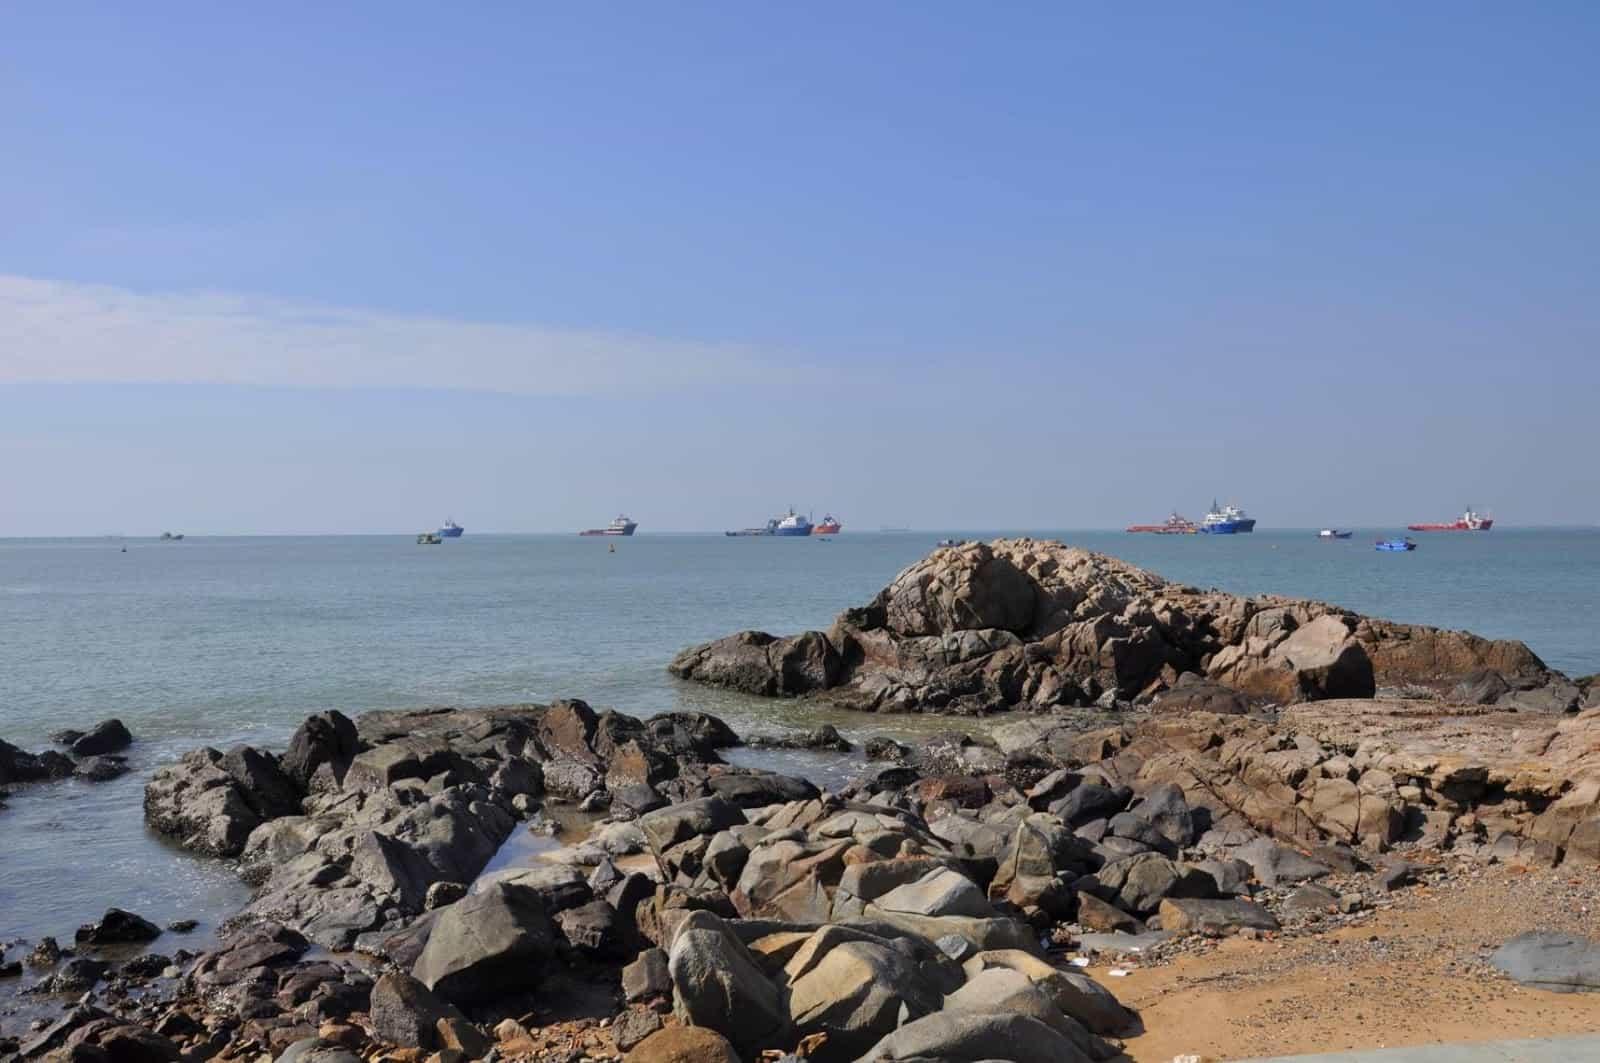 Hòn Ngưu là một bãi đá nhô ra biển